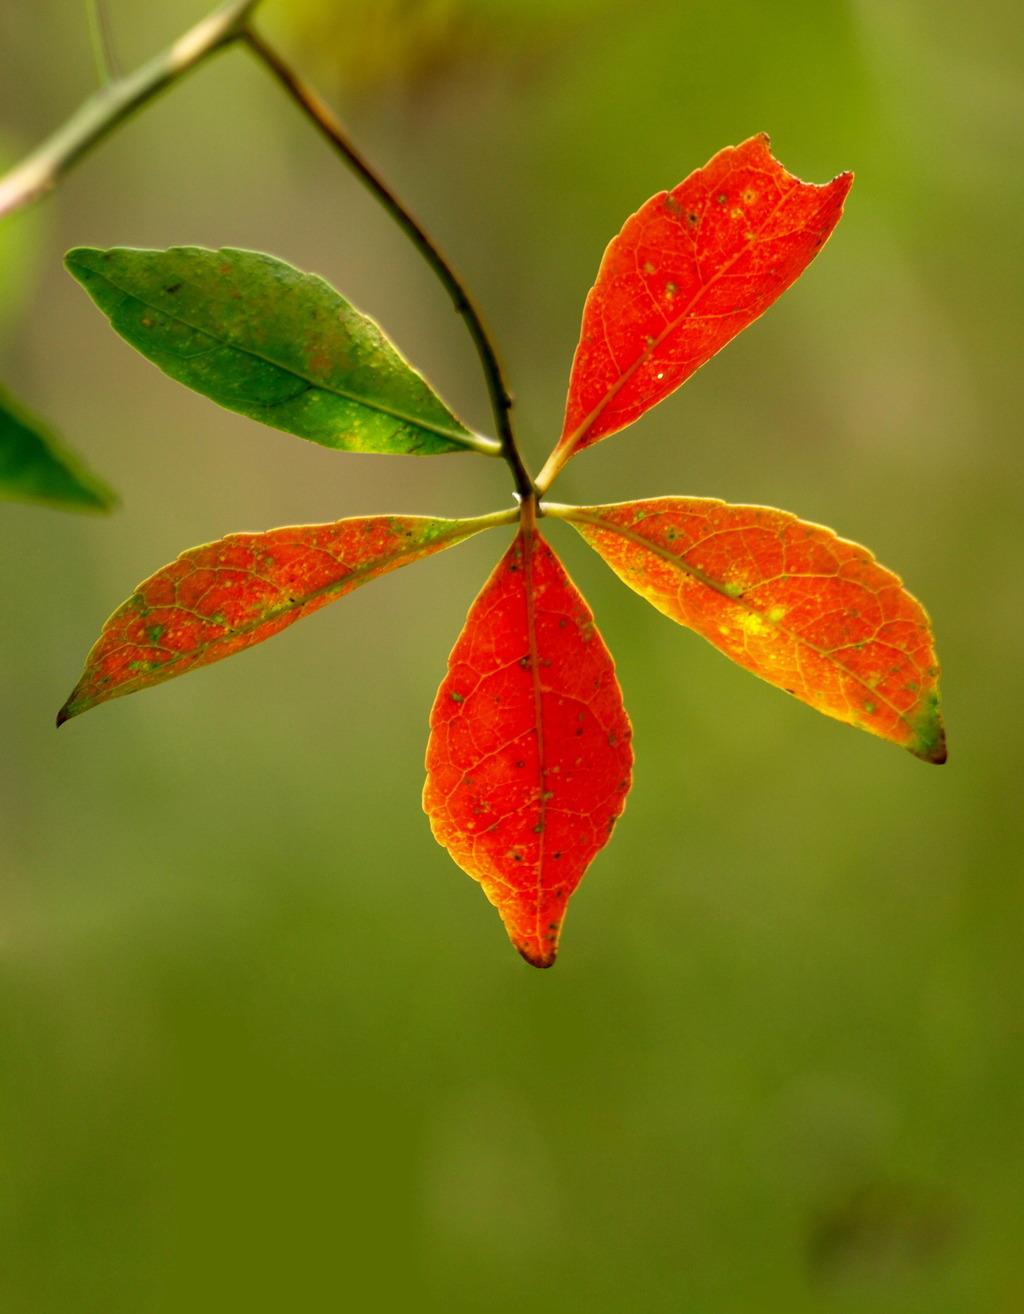 红树叶子模板下载 红树叶子图片下载